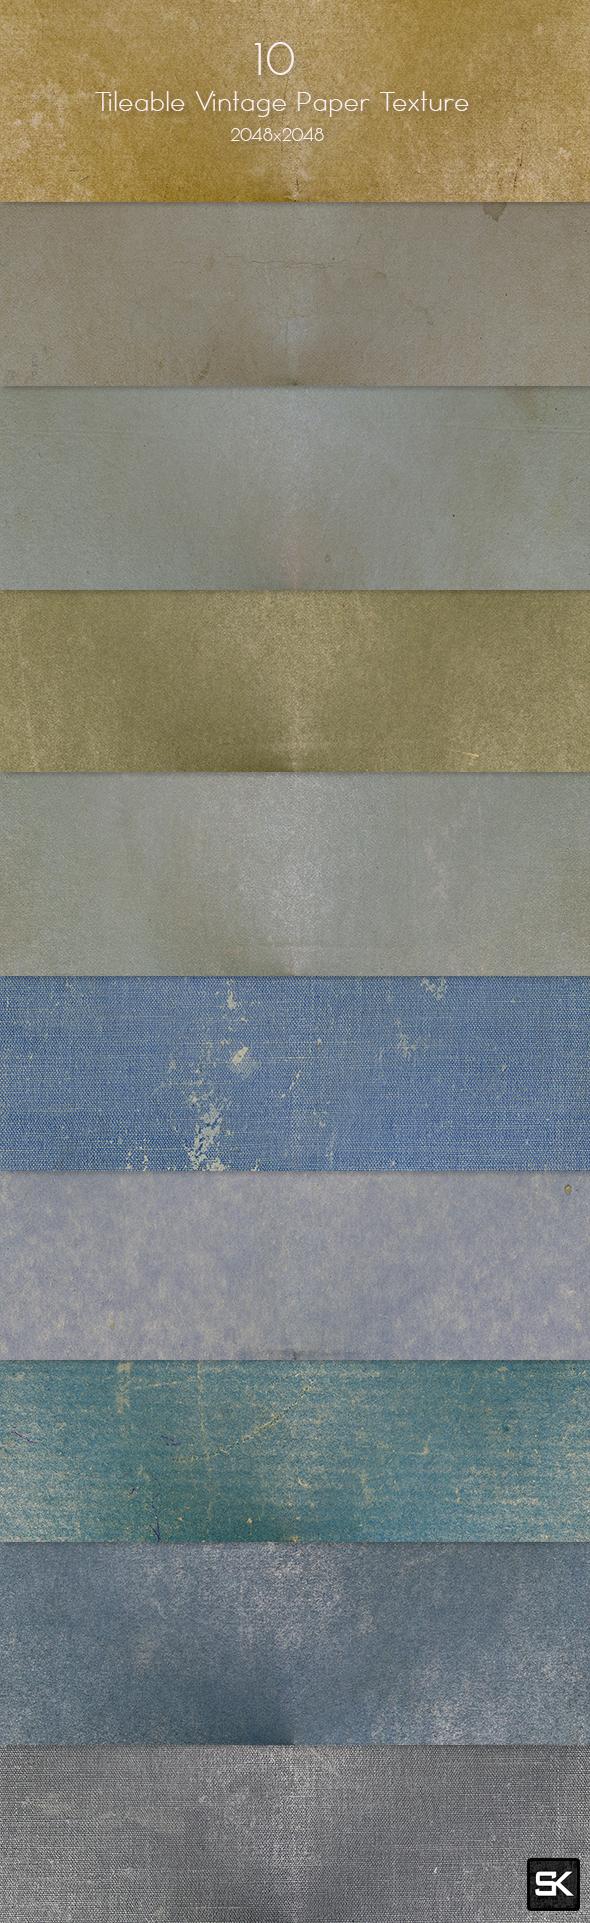 10 Tileable Vintage Paper Textures.2 - Miscellaneous Textures / Fills / Patterns